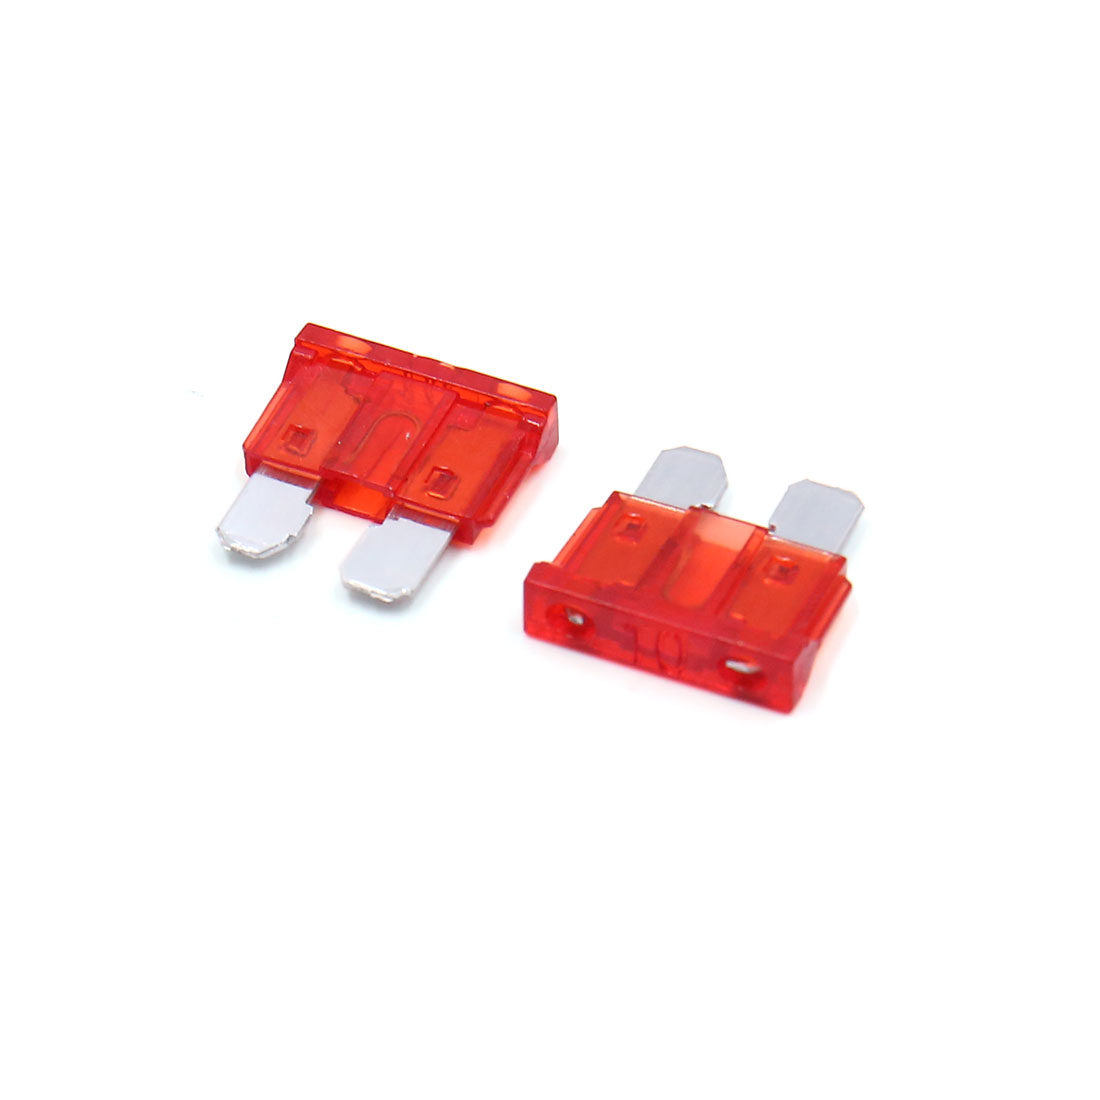 100Pc 10A Bo te Plast Rouge Style Lame Moyenne Fusible Moto Véhicule - image 1 de 2